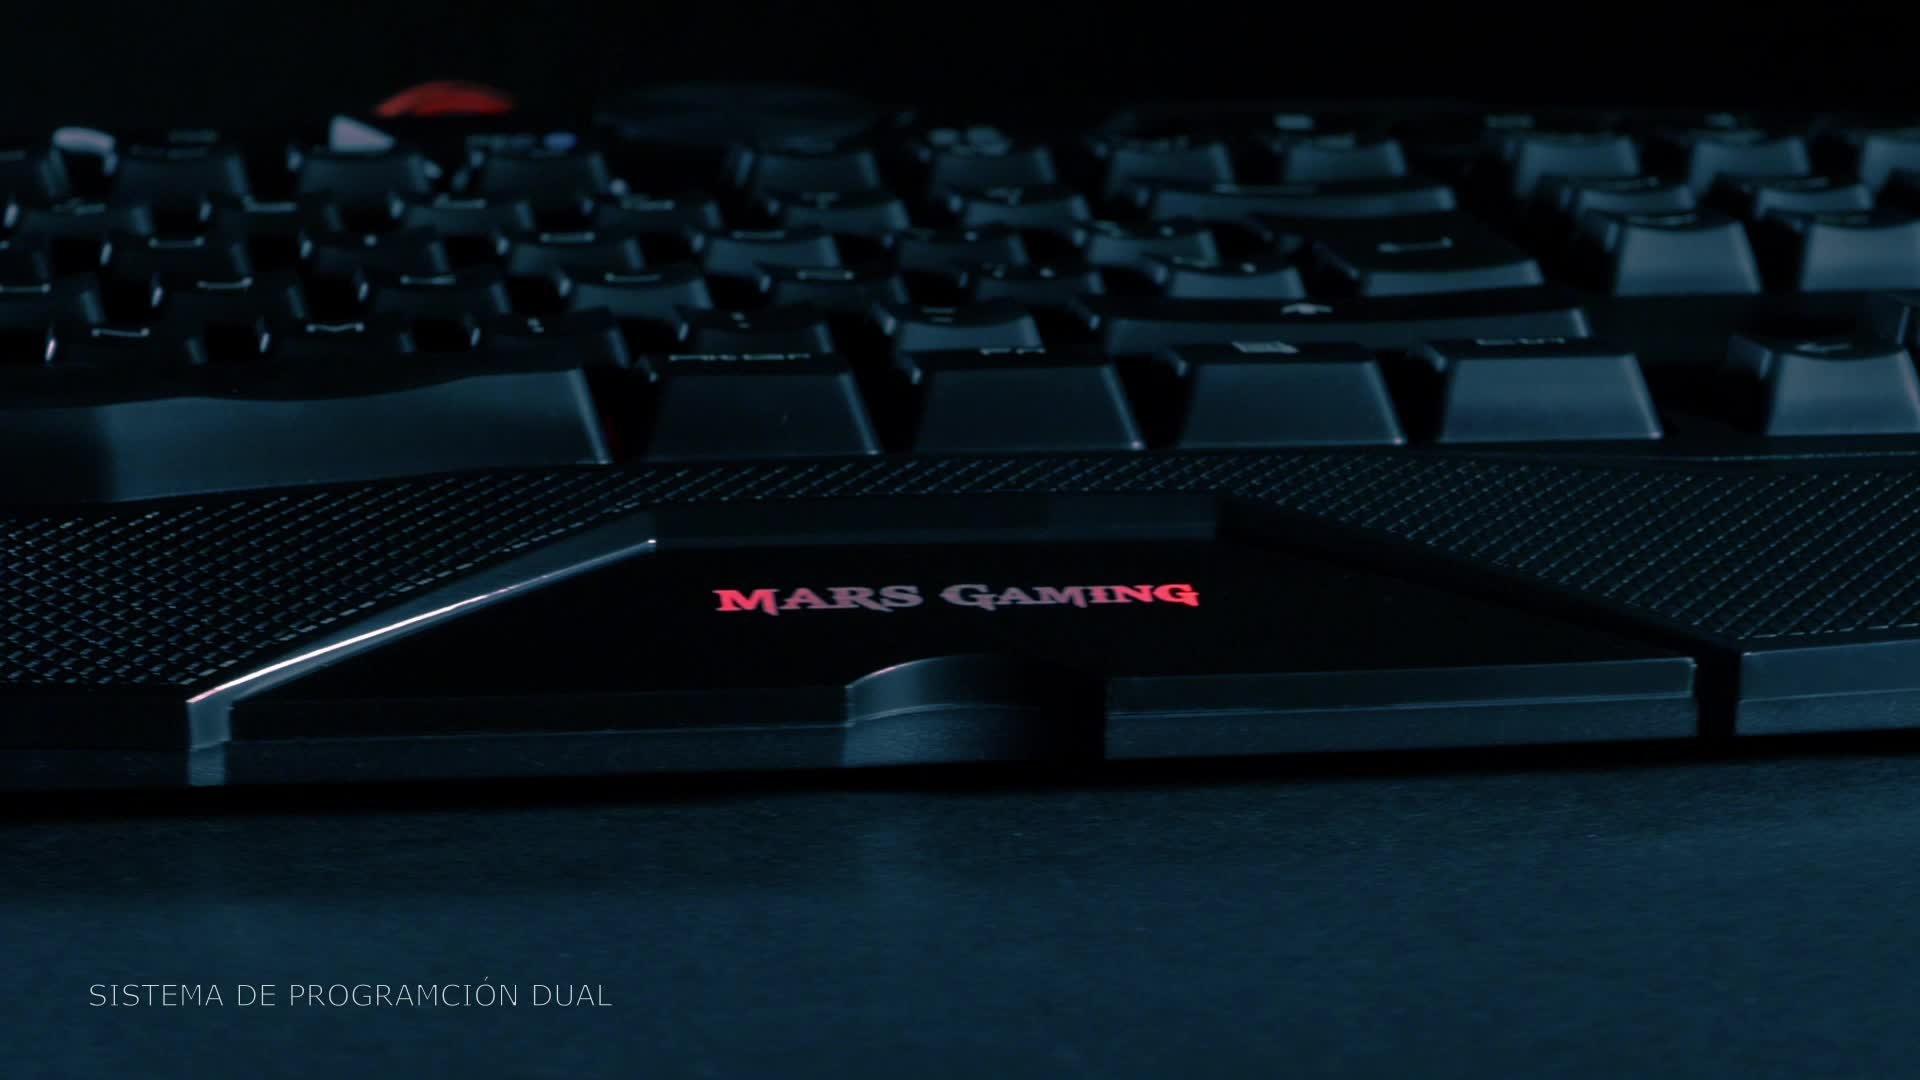 MARSGAMING MK215 - Teclado gaming de membrana (software dual, programable, 5 teclas para macros, 4 perfiles, 4 teclas multimedia, RGB 7 colores, ...